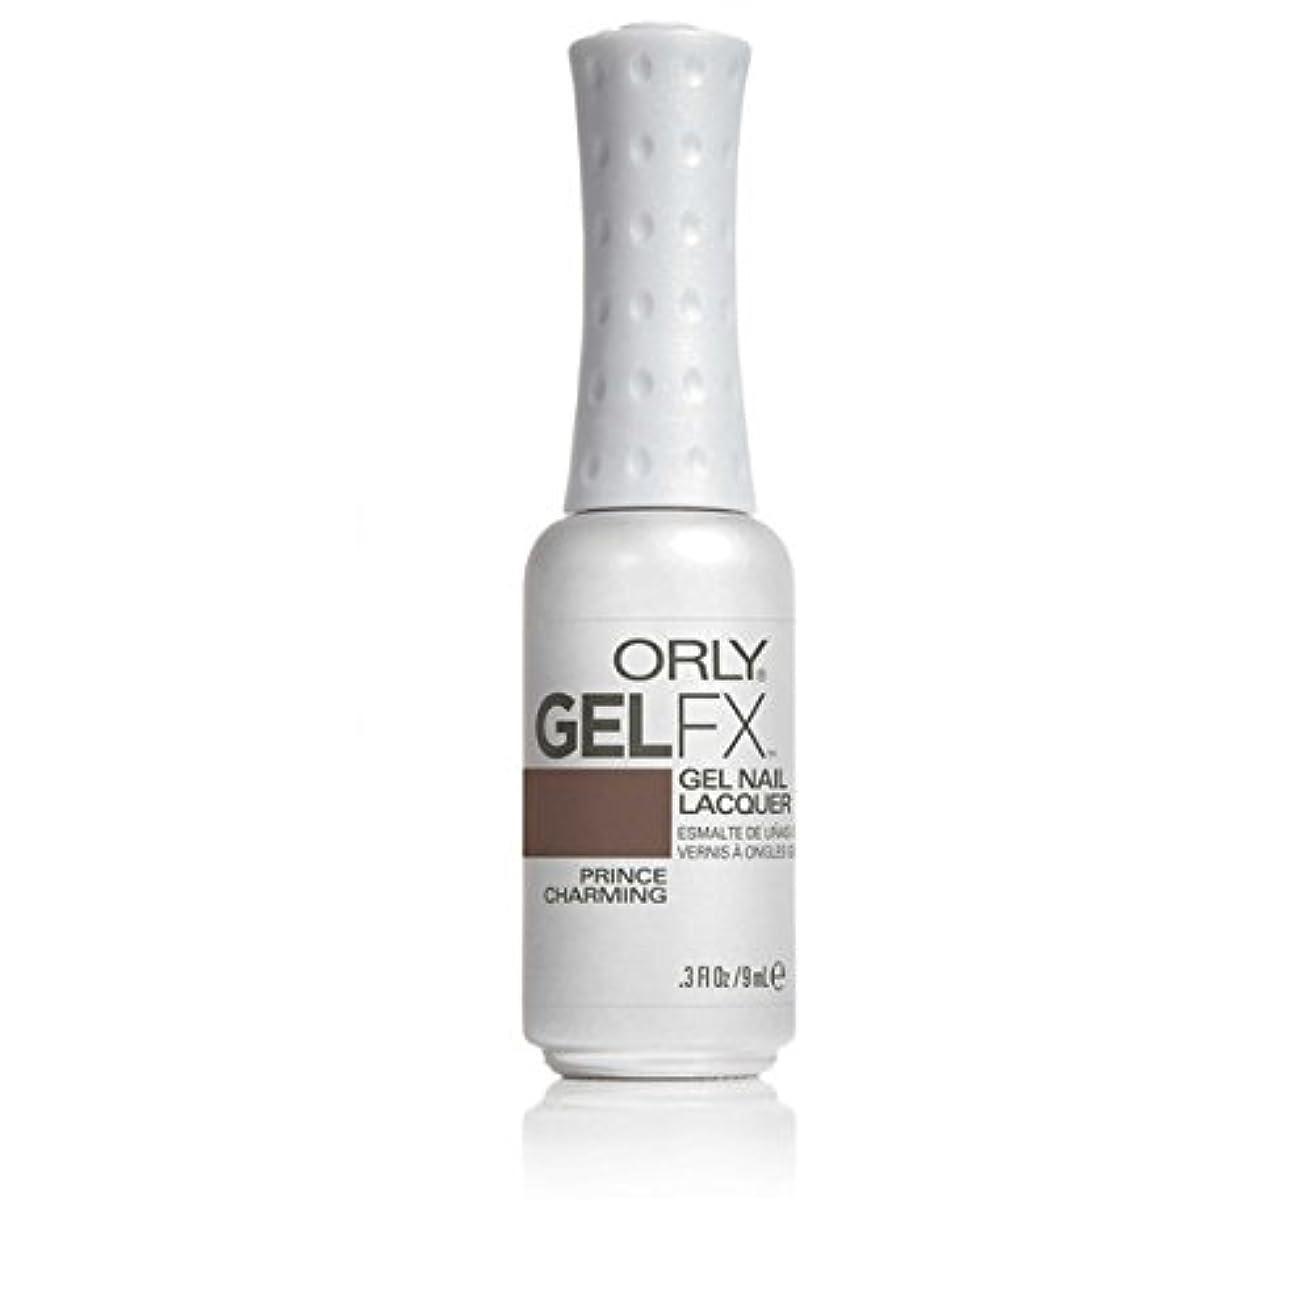 老朽化した麻痺育成ORLY(オーリー)ジェルFXジェルネイルラッカー 9ml プリンスチャーミング#30715